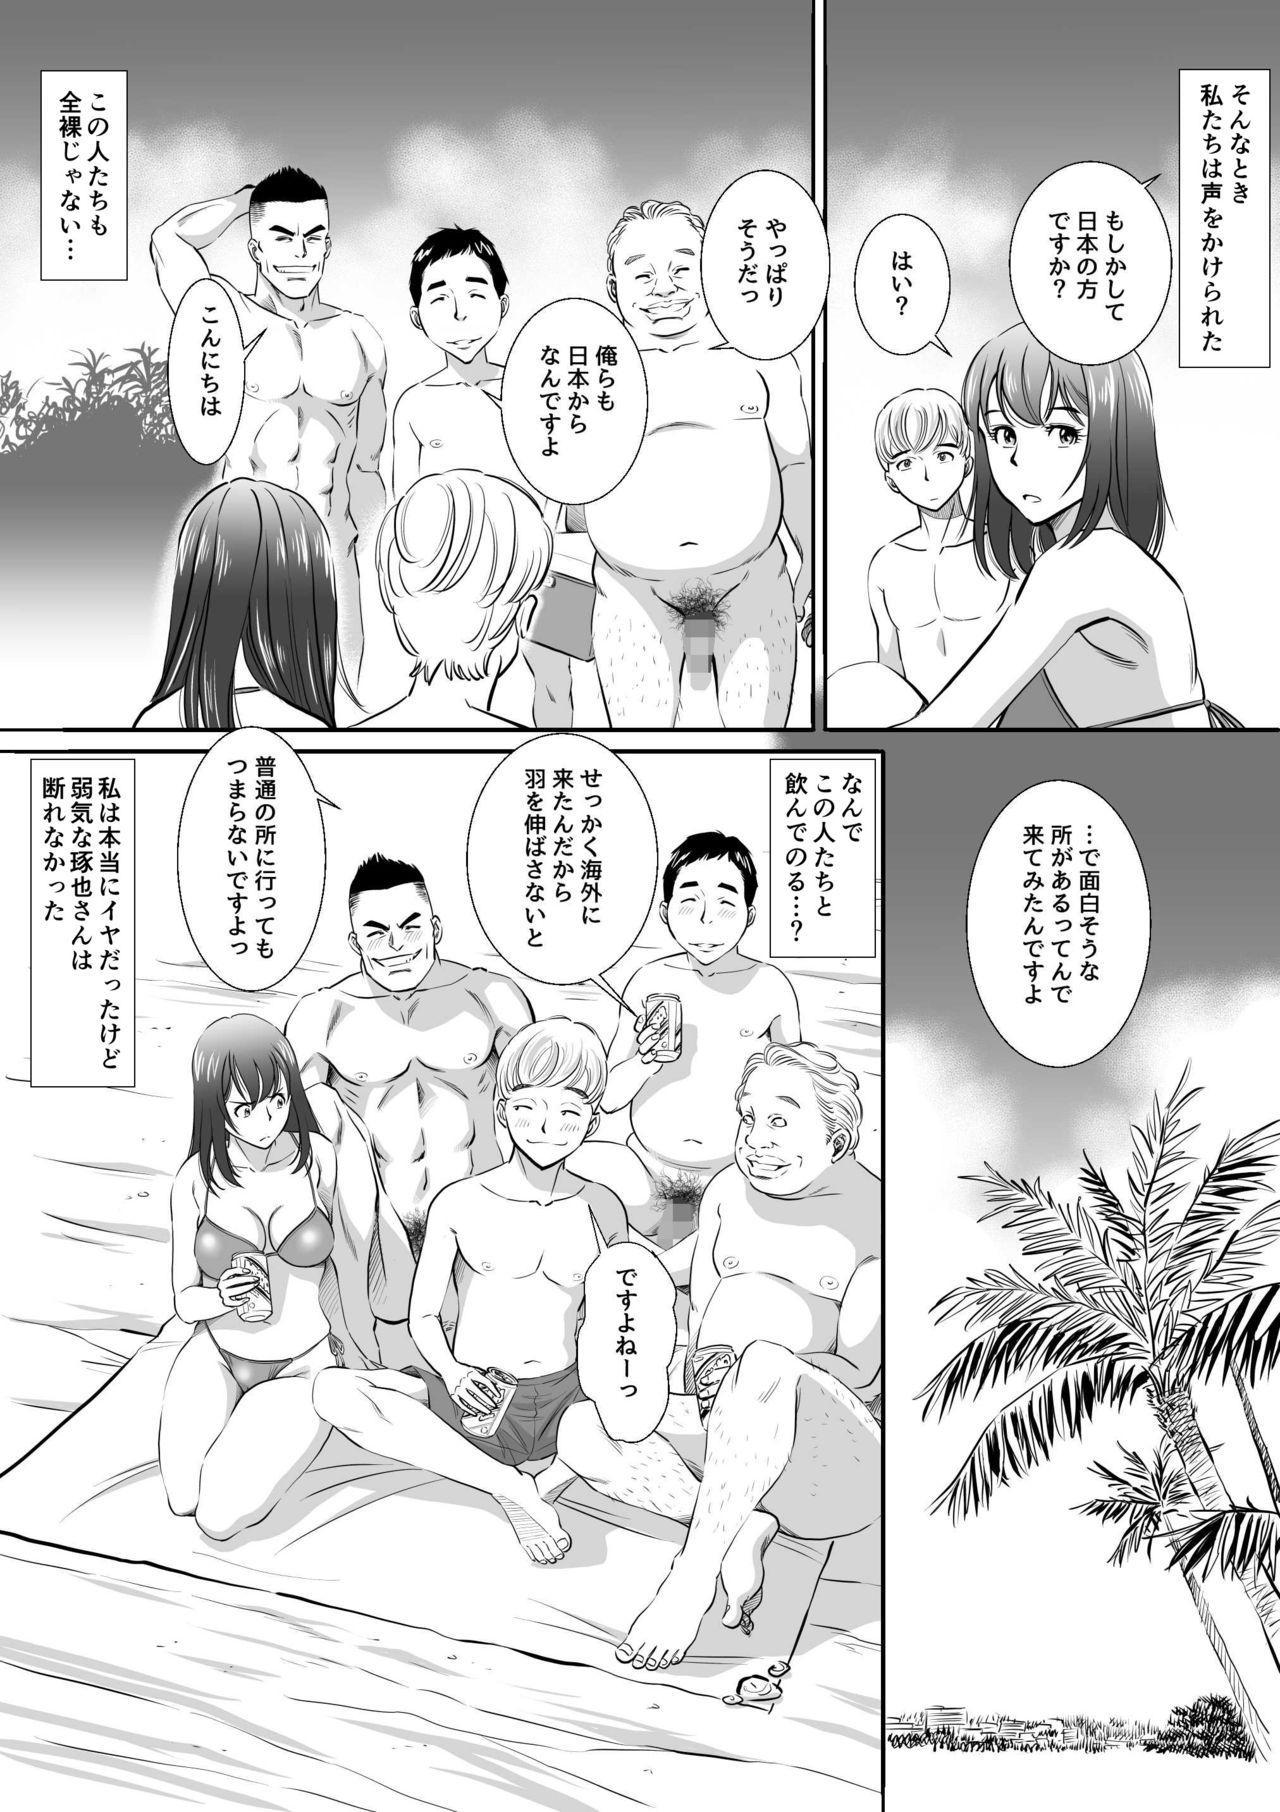 Nudist Beach e Shinkon Ryokou Saserareta Tsuma 5